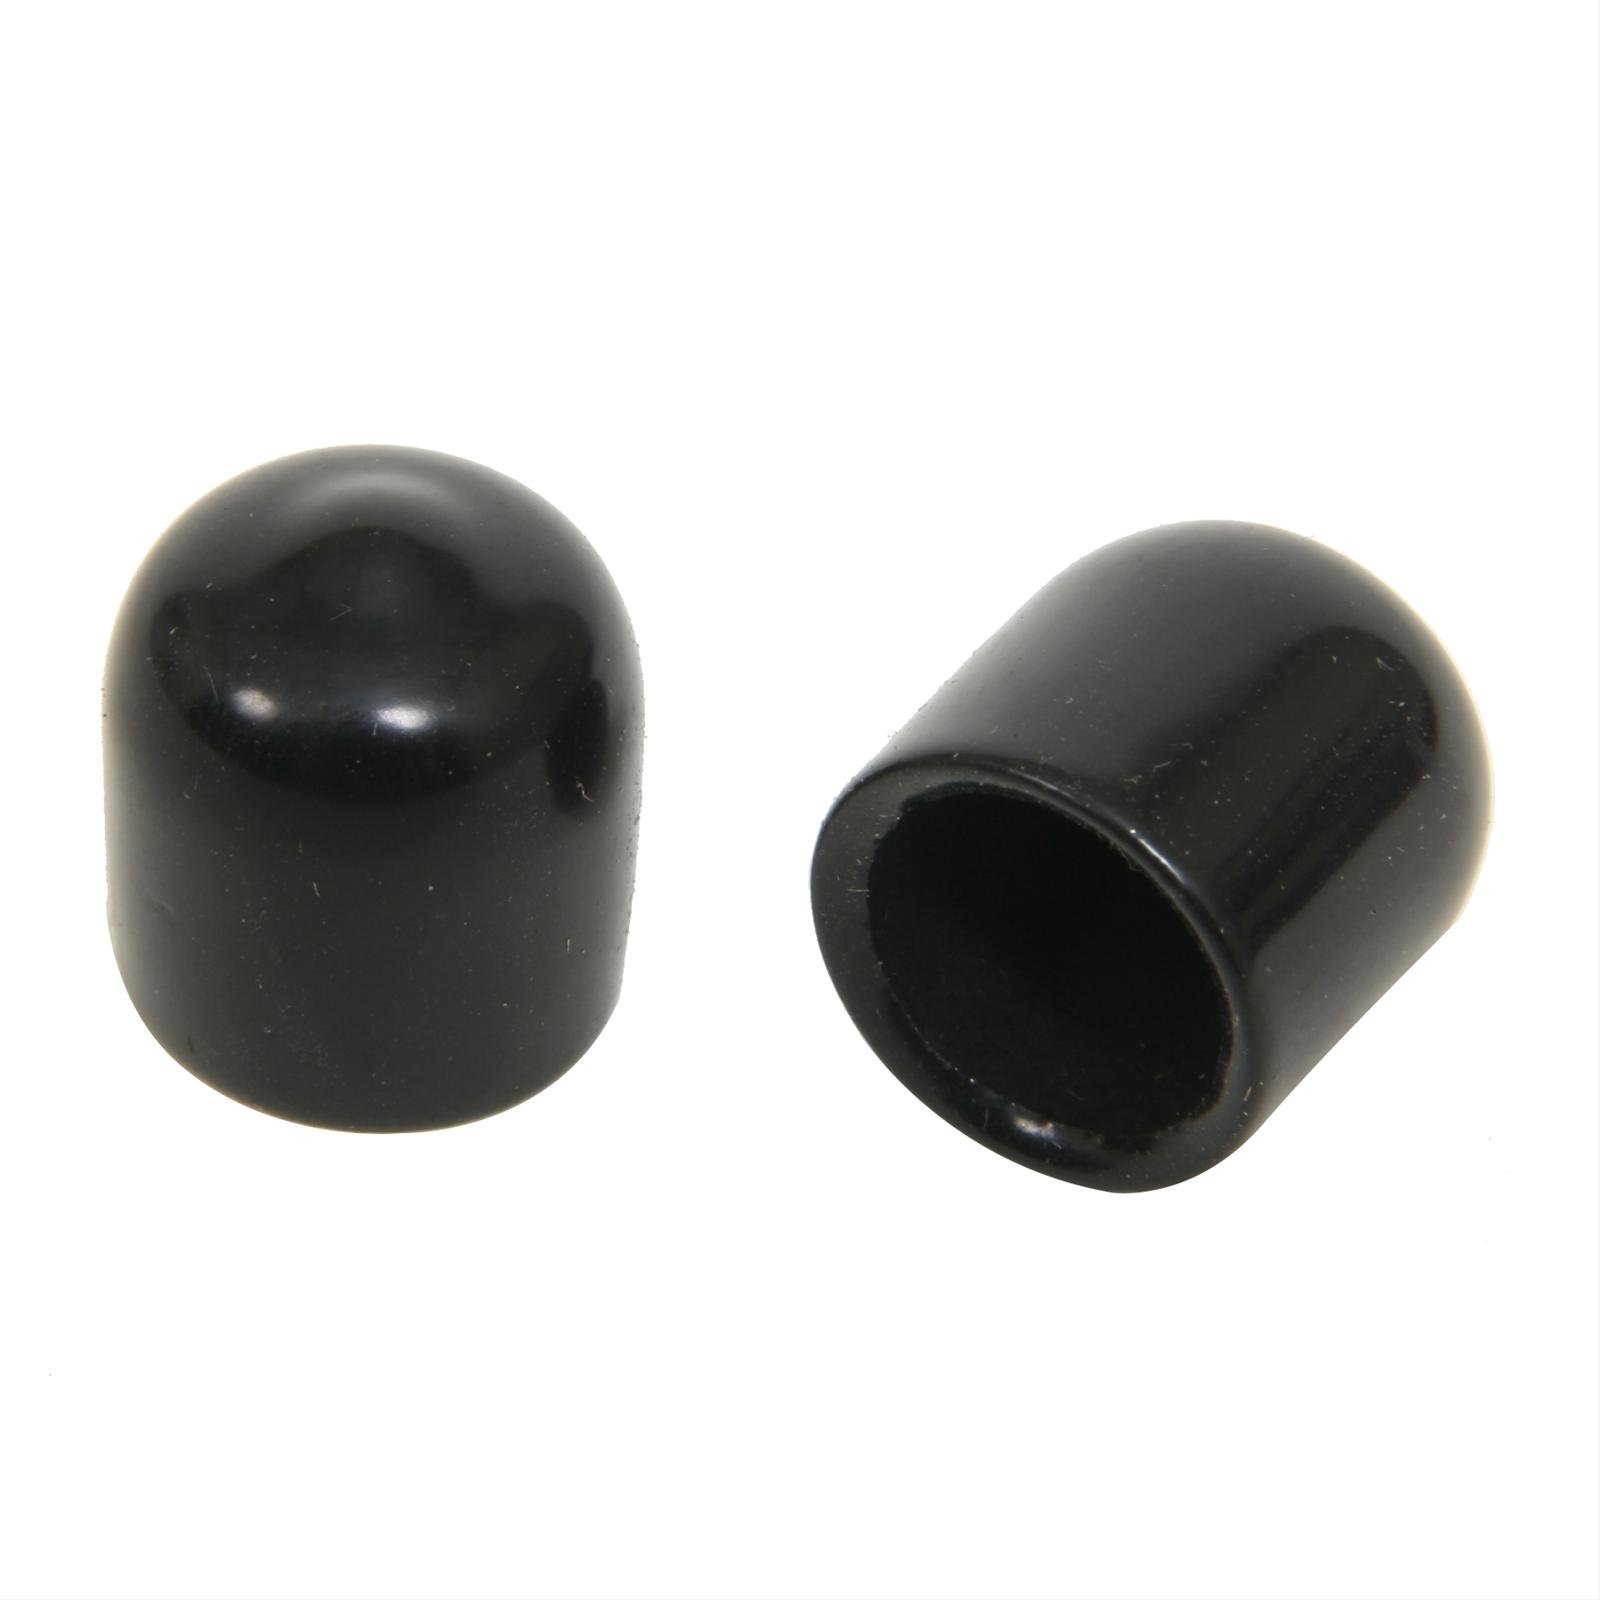 Fumoto M-Cap Accessory